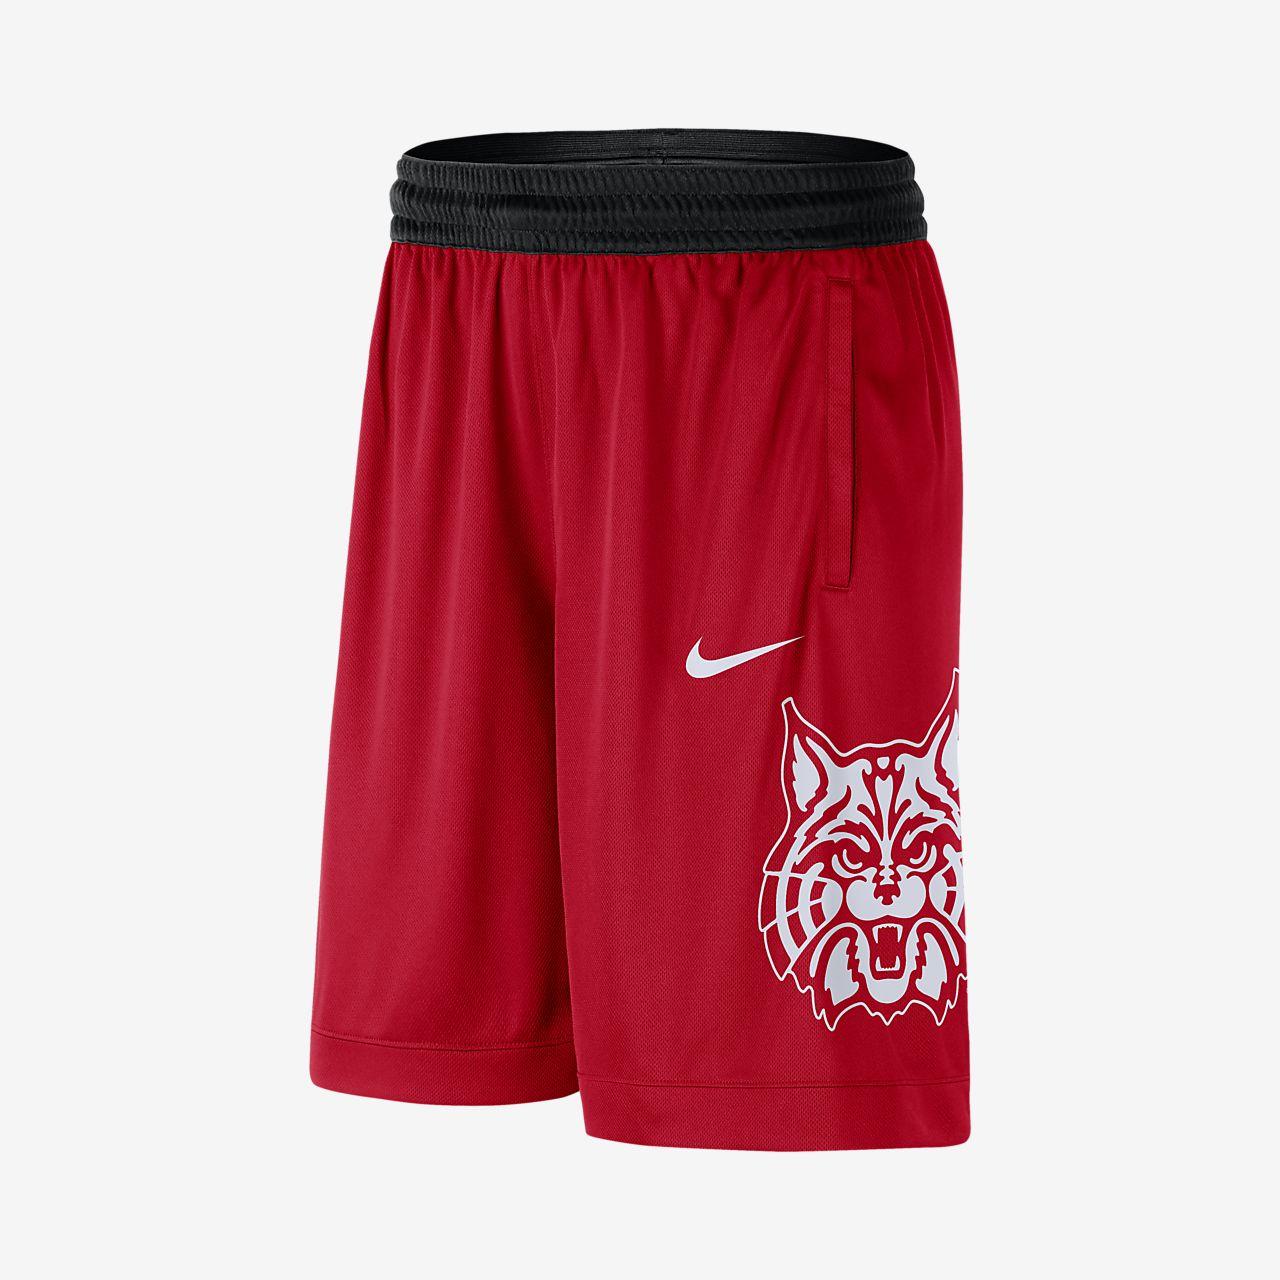 Shorts de básquetbol para hombre Nike College Dri-FIT (Arizona)